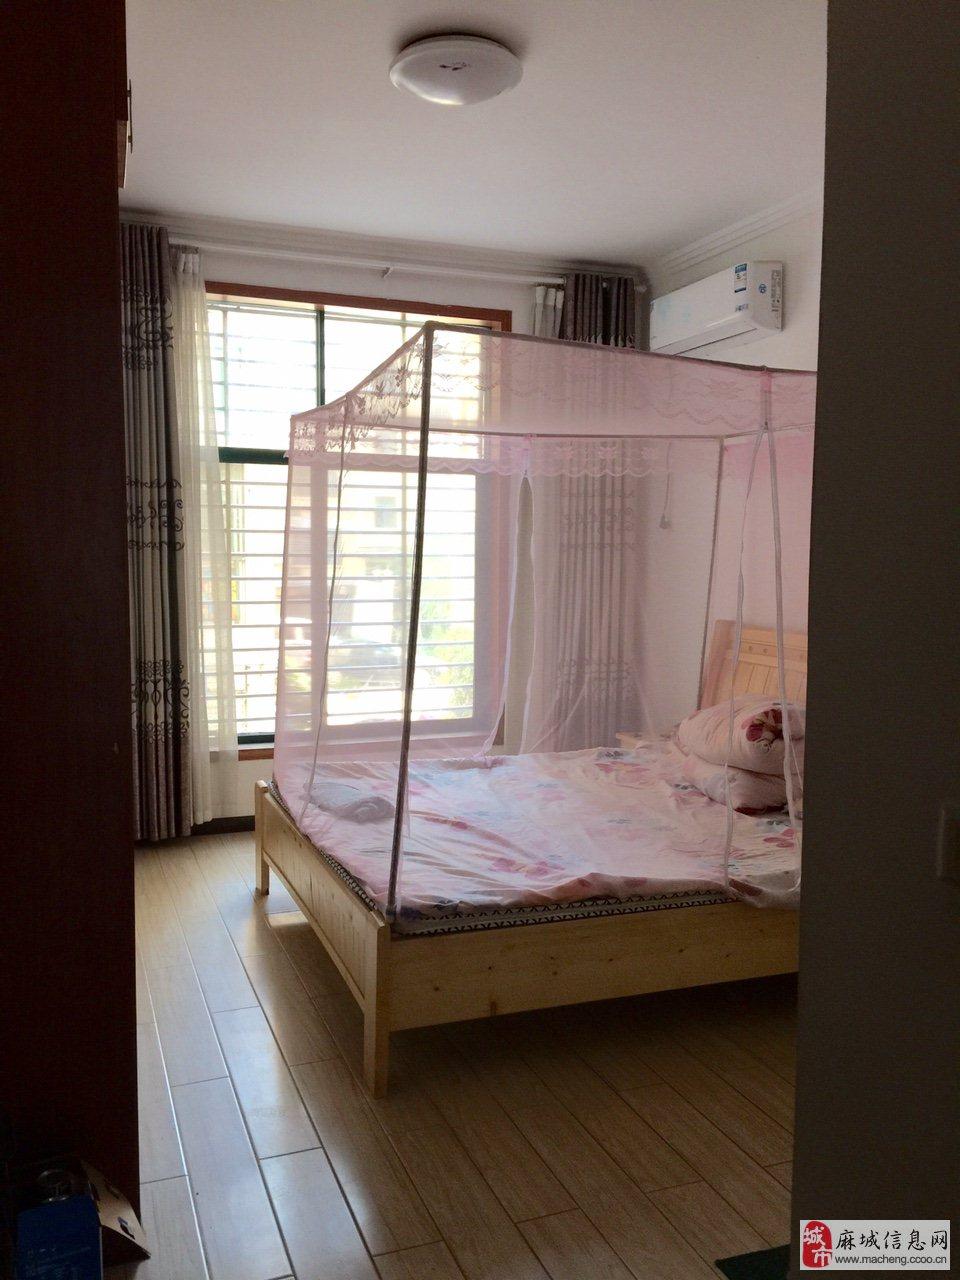 麻城市长江丽都3室2厅2卫精装72万元做石材墙的背景图片